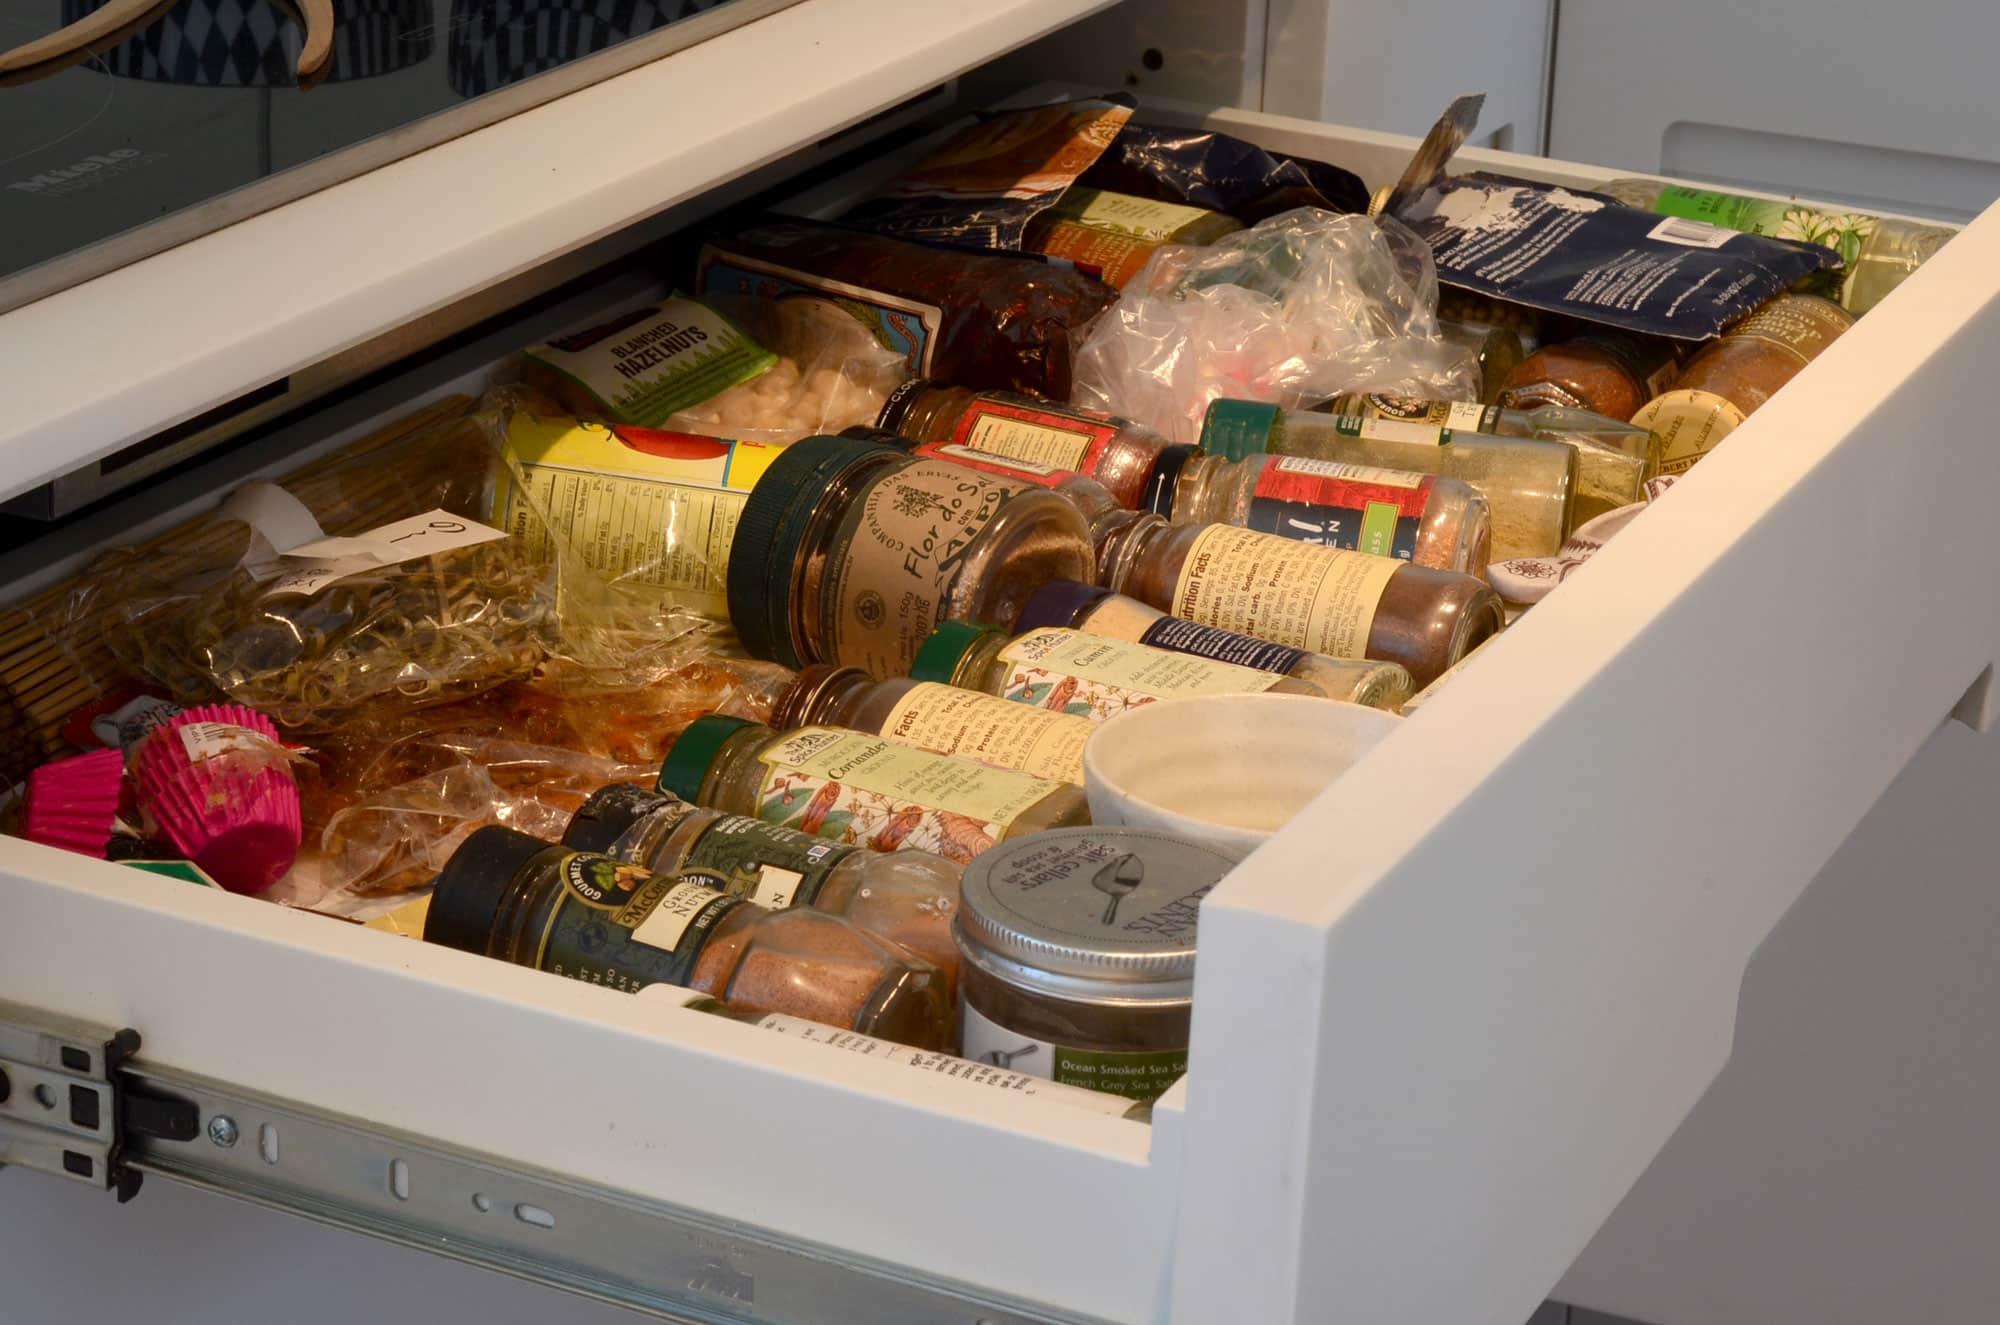 Cecilia's Sleek High-Design Kitchen: gallery image 11